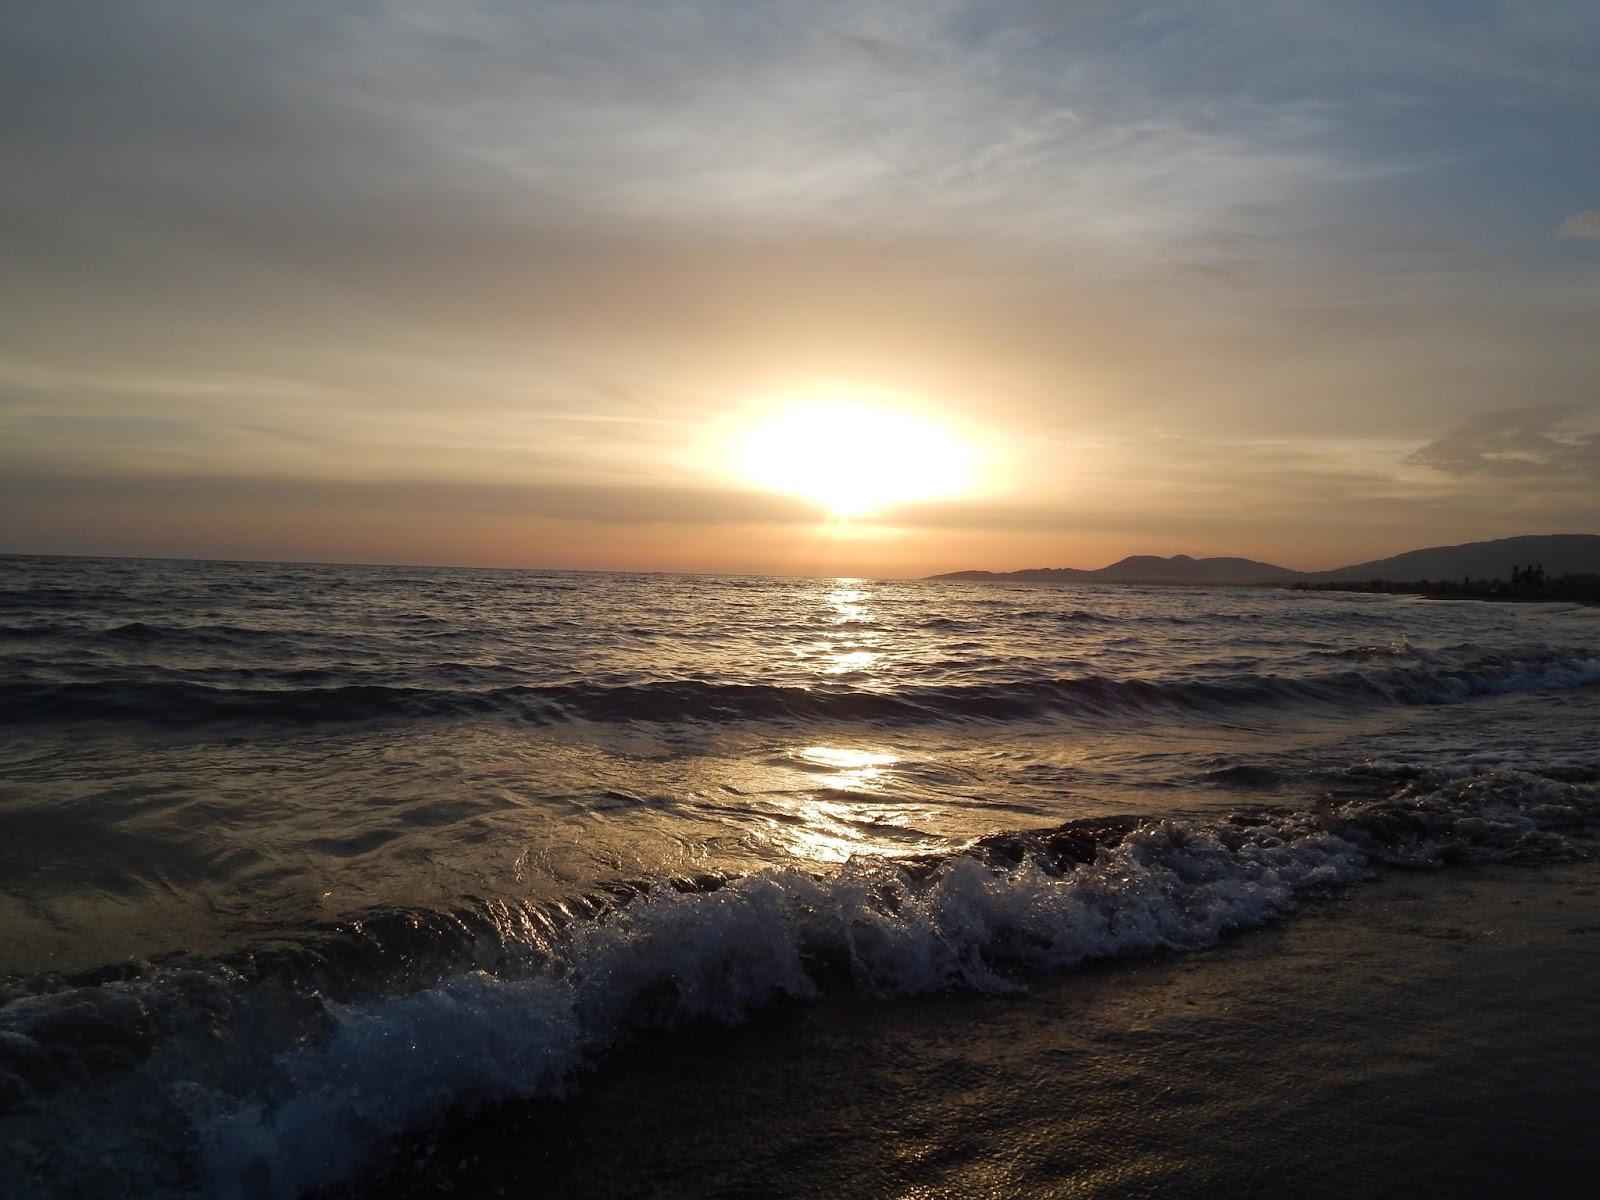 Západ slunce u moře Ada Bojana Černá Hora